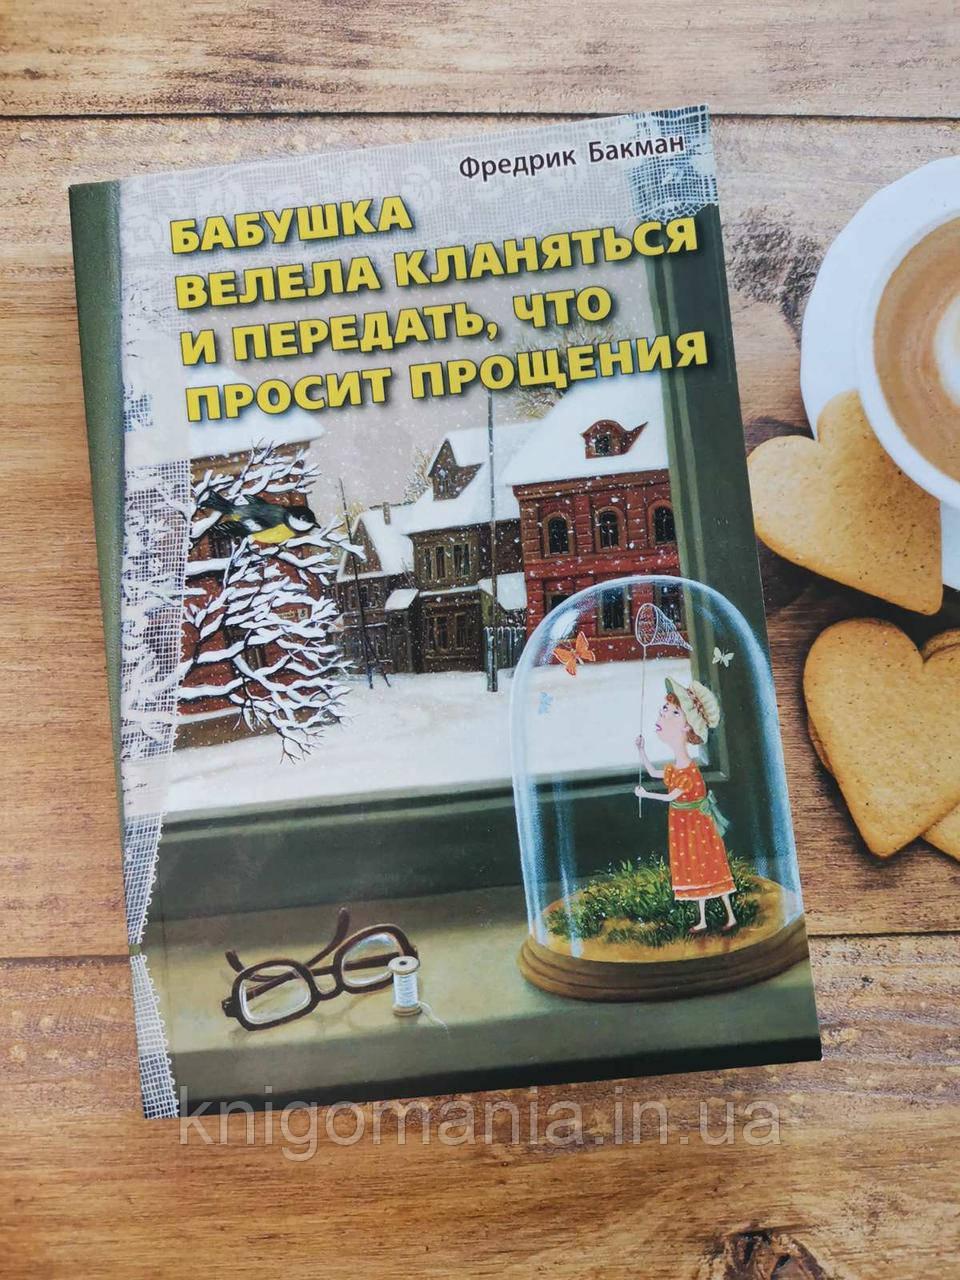 """Книга """"Бабушка велела кланяться и передать, что просит прощения"""" Фредрик Бакман"""